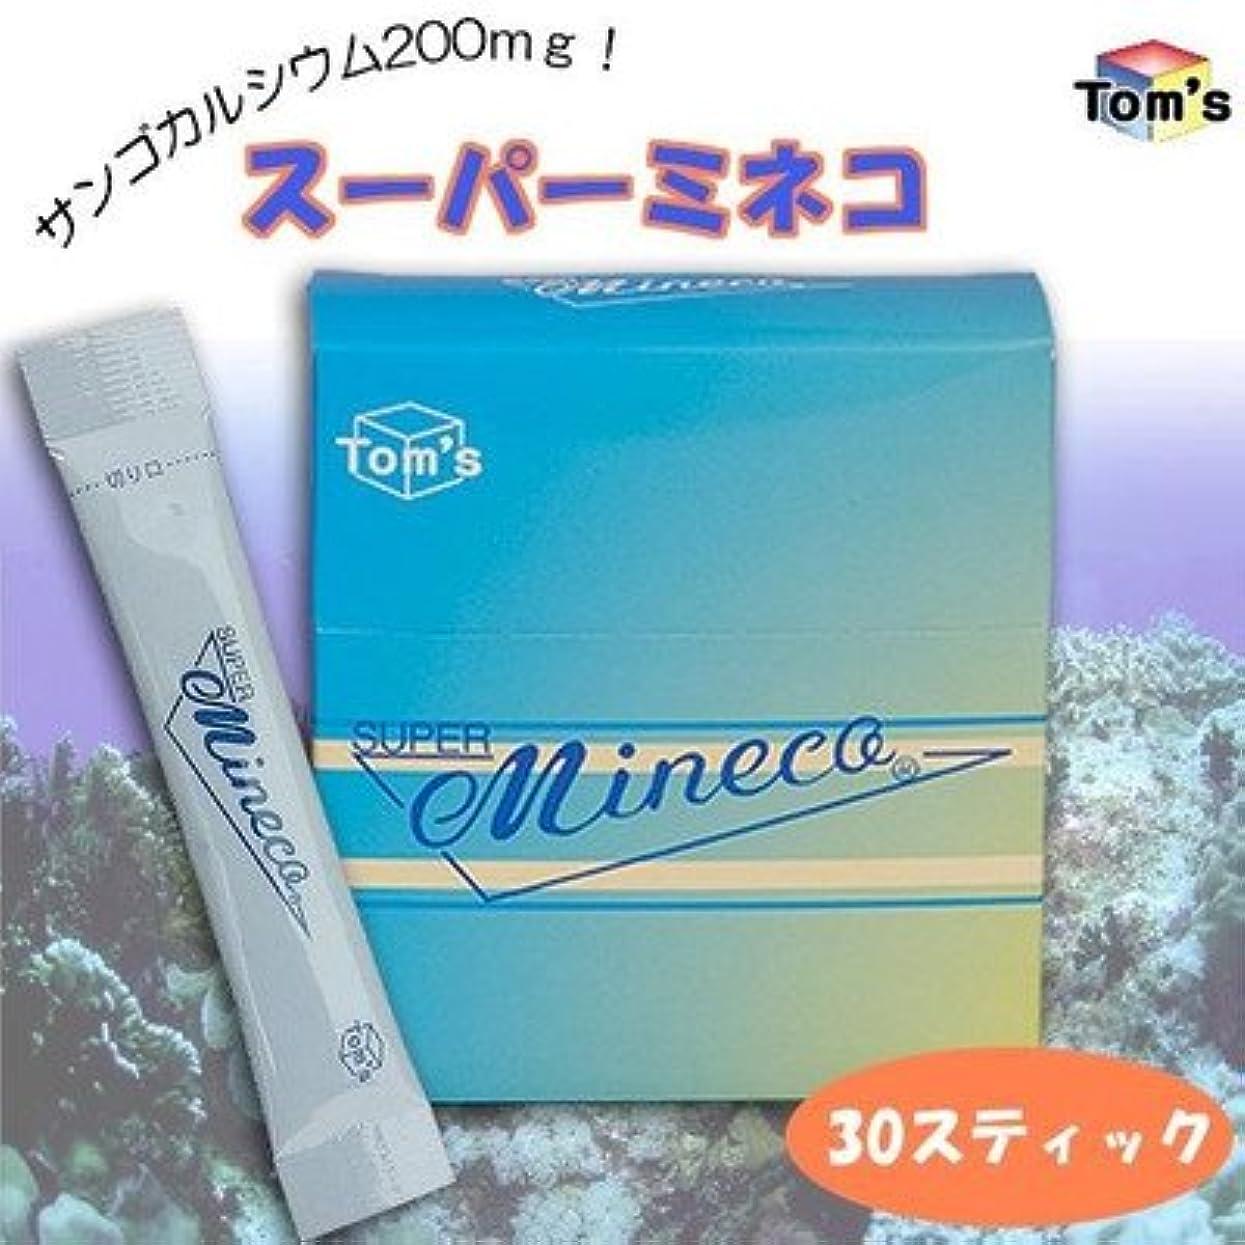 ソーシャル世辞寸前サンゴカルシウム200mg スーパーミネコ 1箱 (30スティック入)